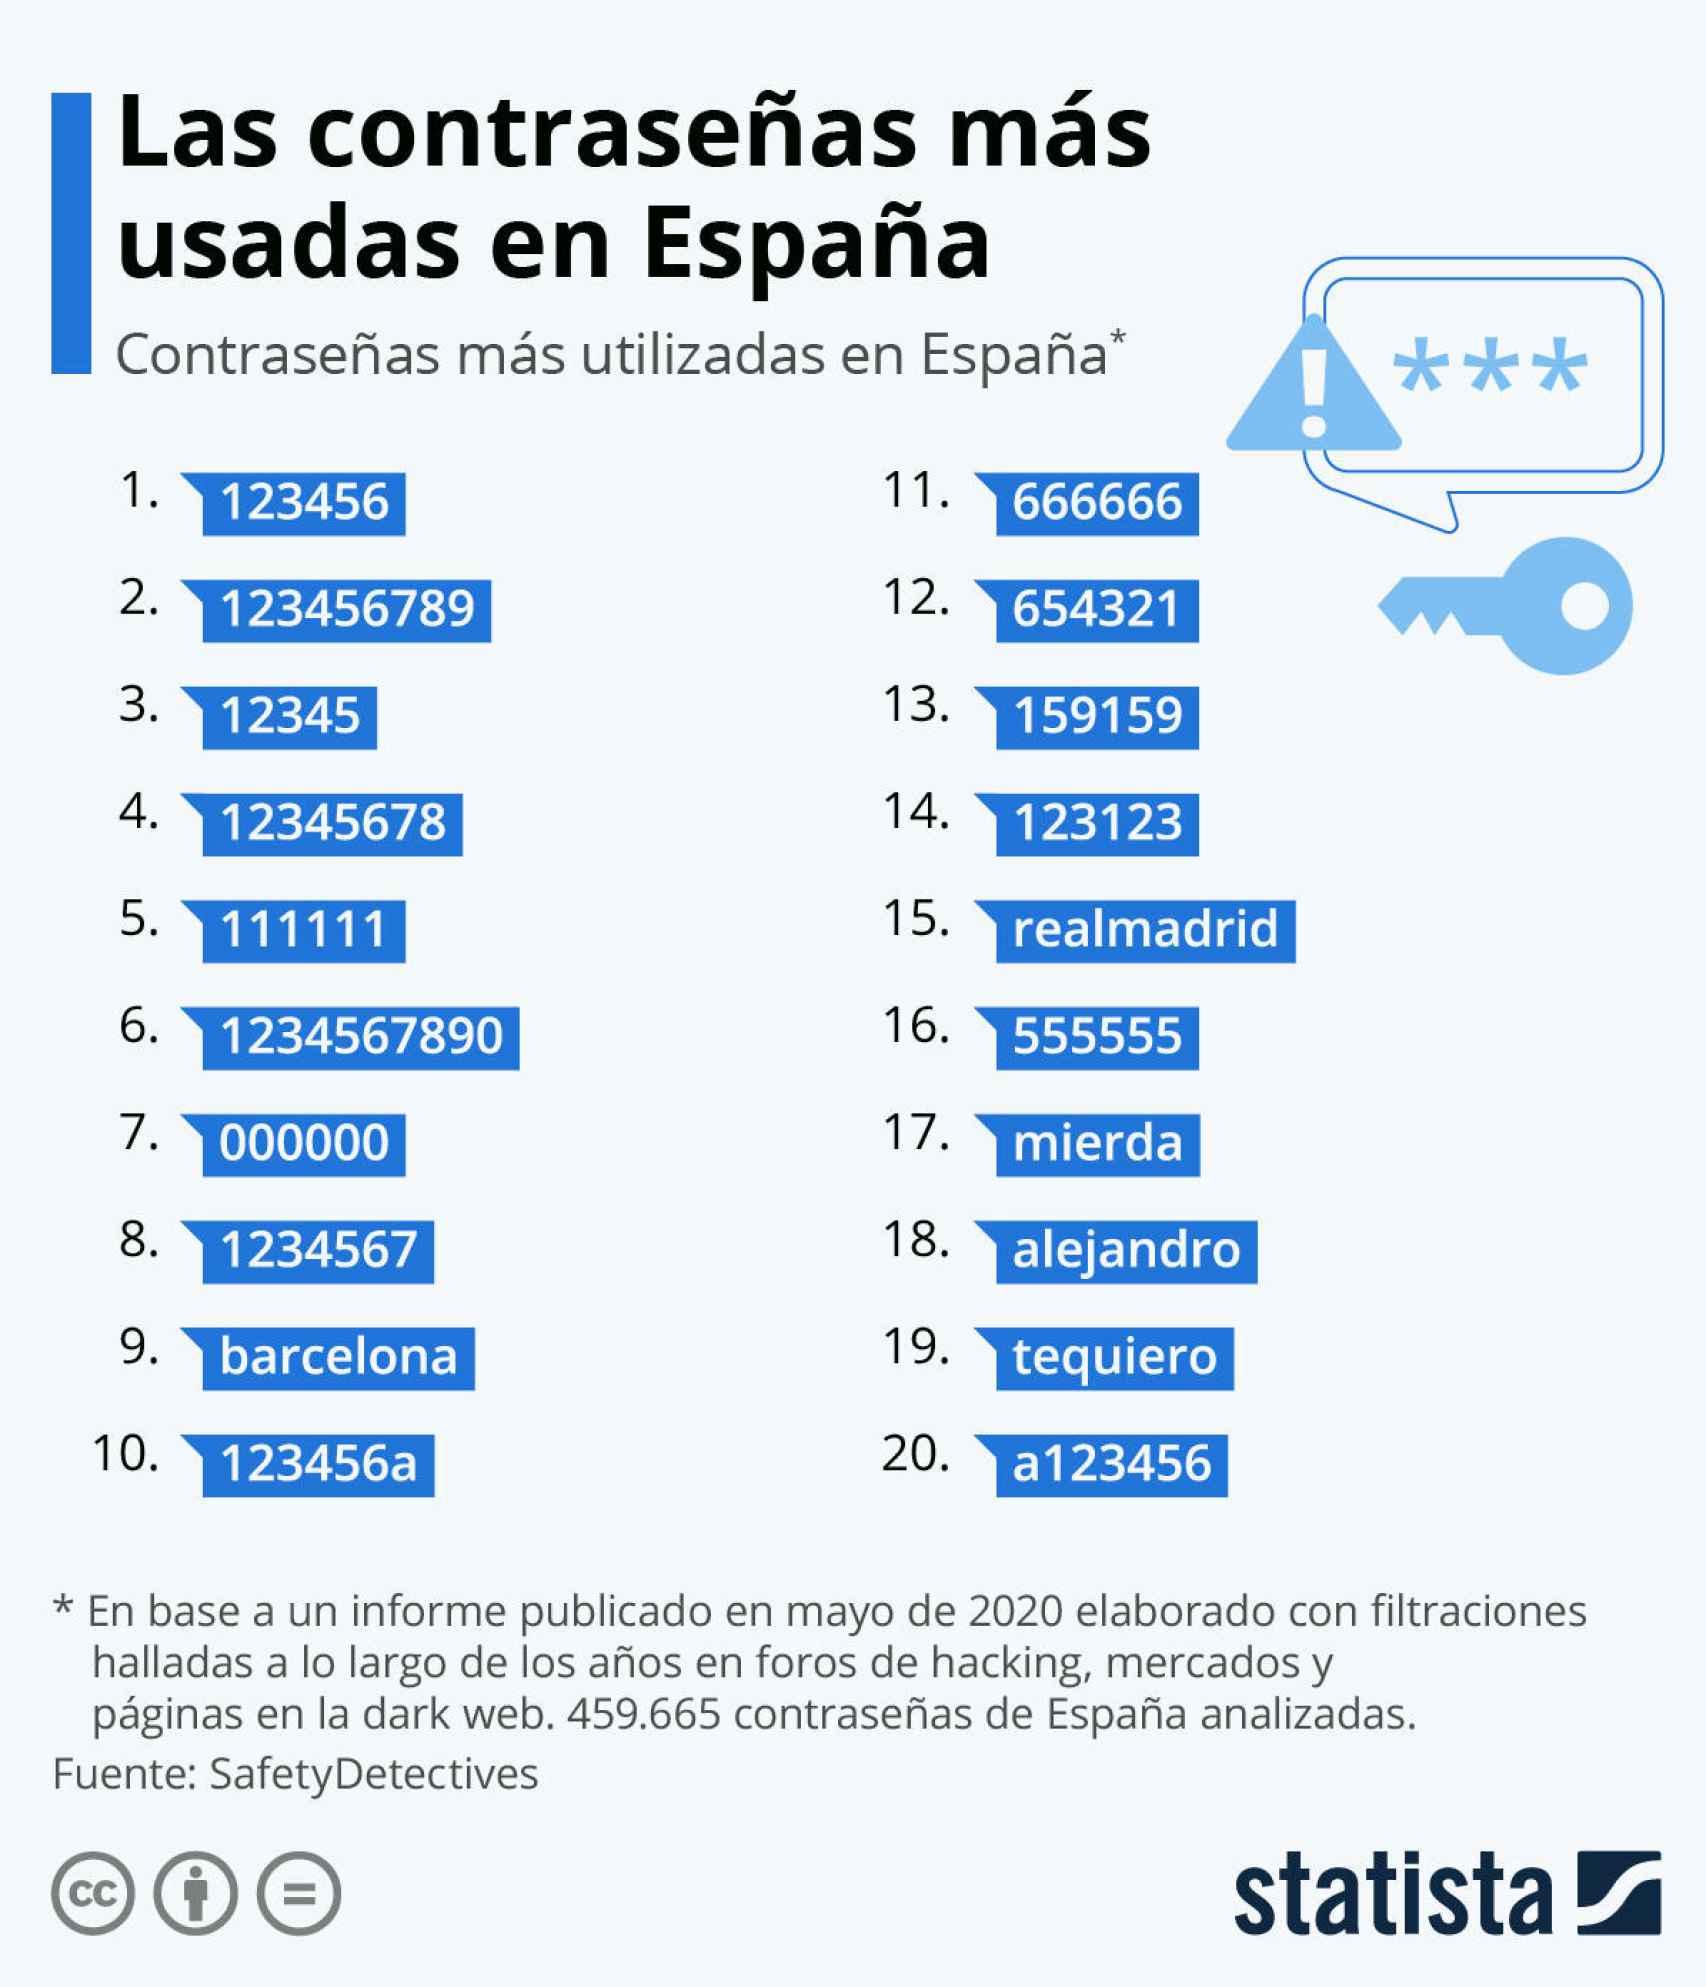 Contraseñas más usadas en España